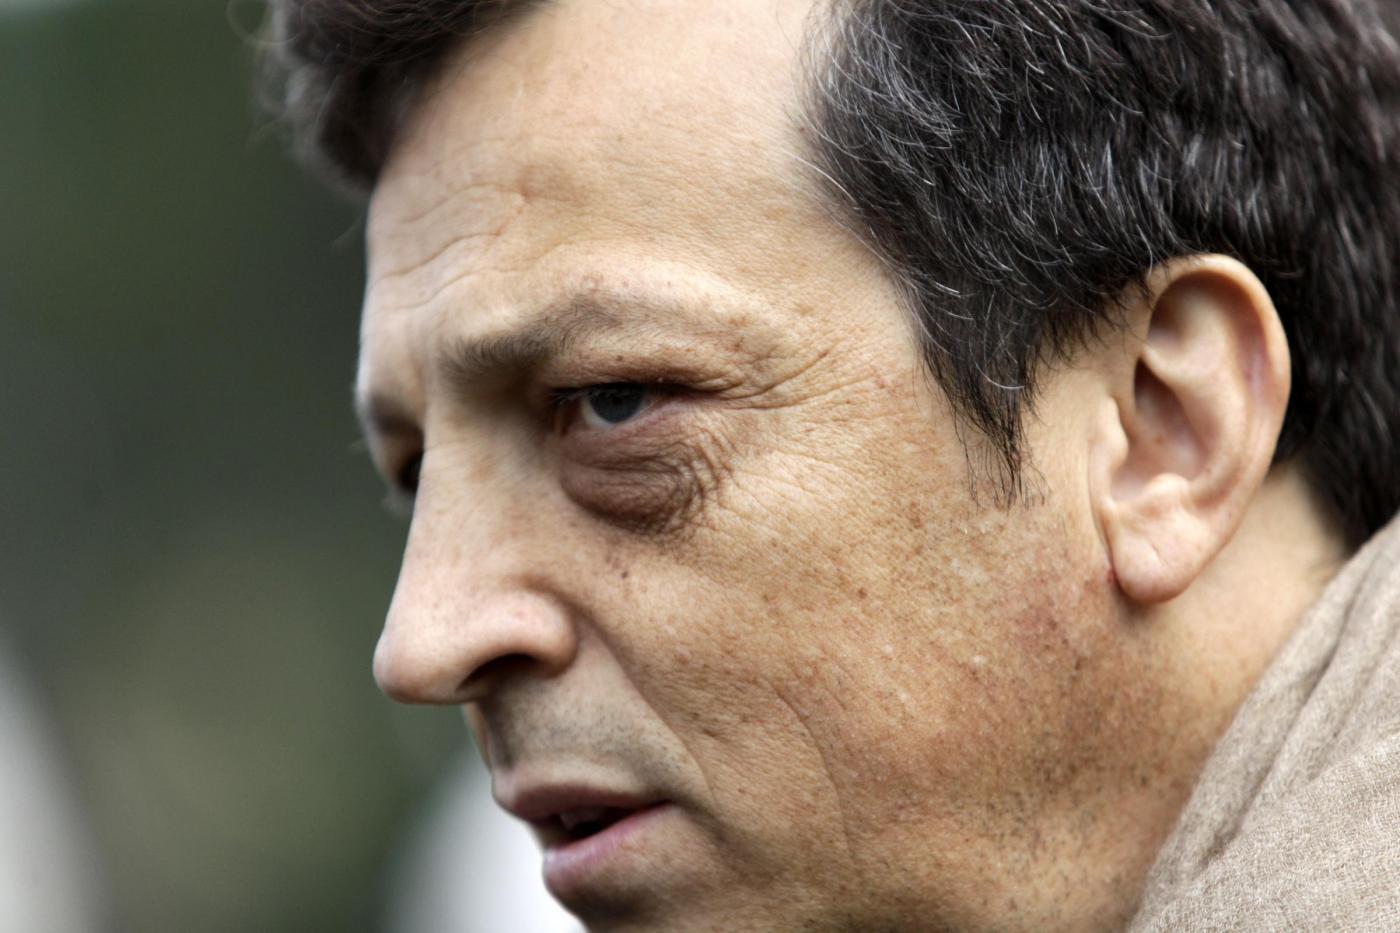 Gabriele Muccino chiede scusa a Carla Vangelista con una lettera pubblica